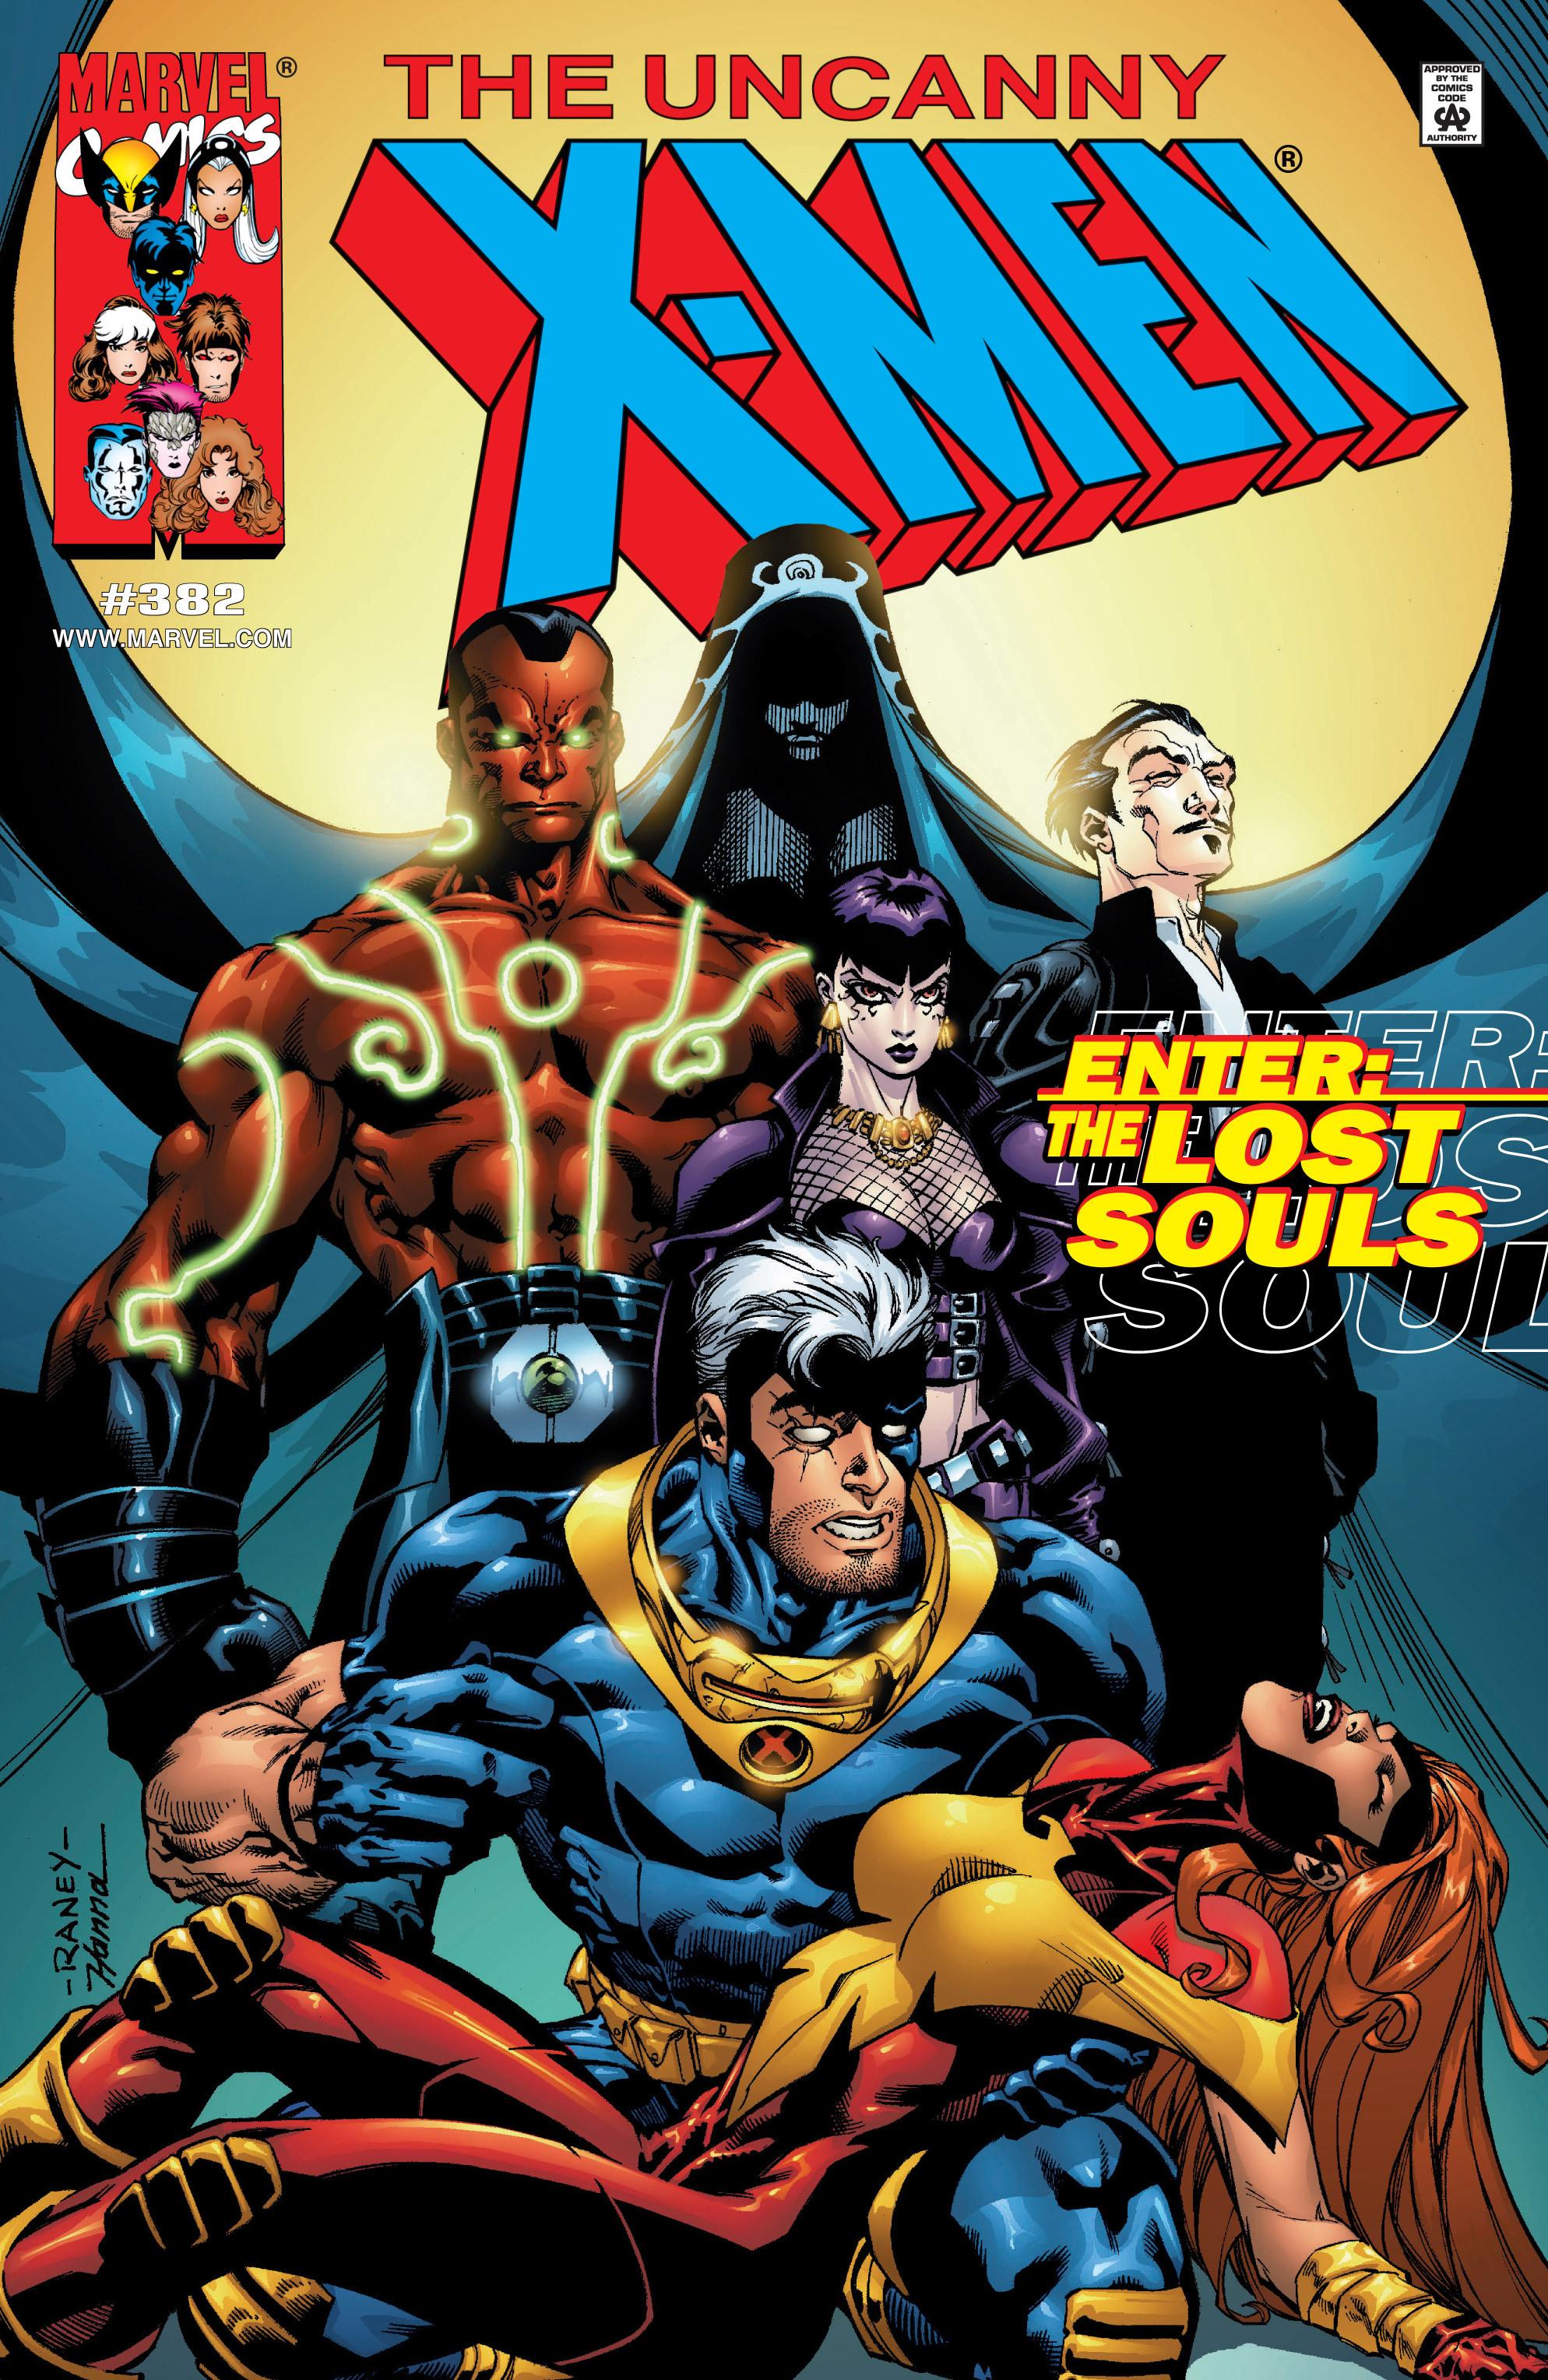 Uncanny X-Men (1963) 382 Page 1